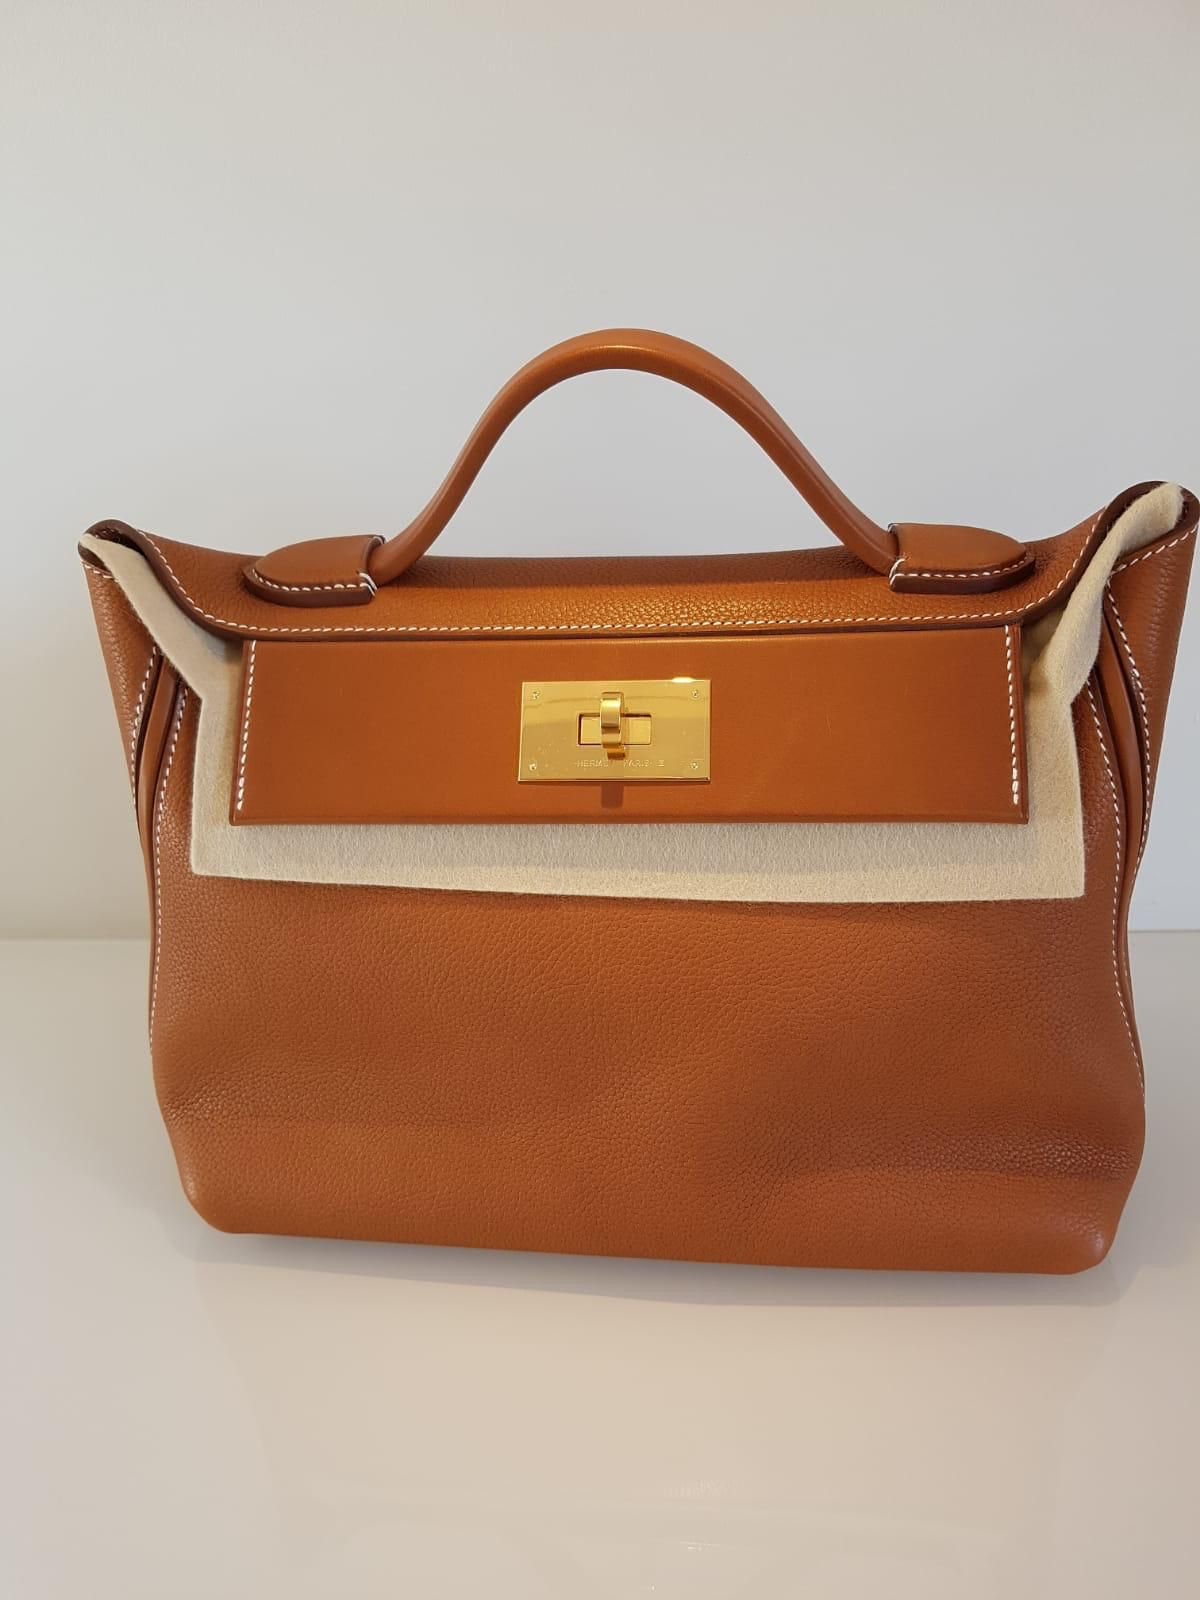 7c1206dc4e40 Hermes 2424 29cm Barenia  2424  hermes2424  handbag  toat  barenia  gold   rarebag  hermesbag  newcollection  neutral  gifts